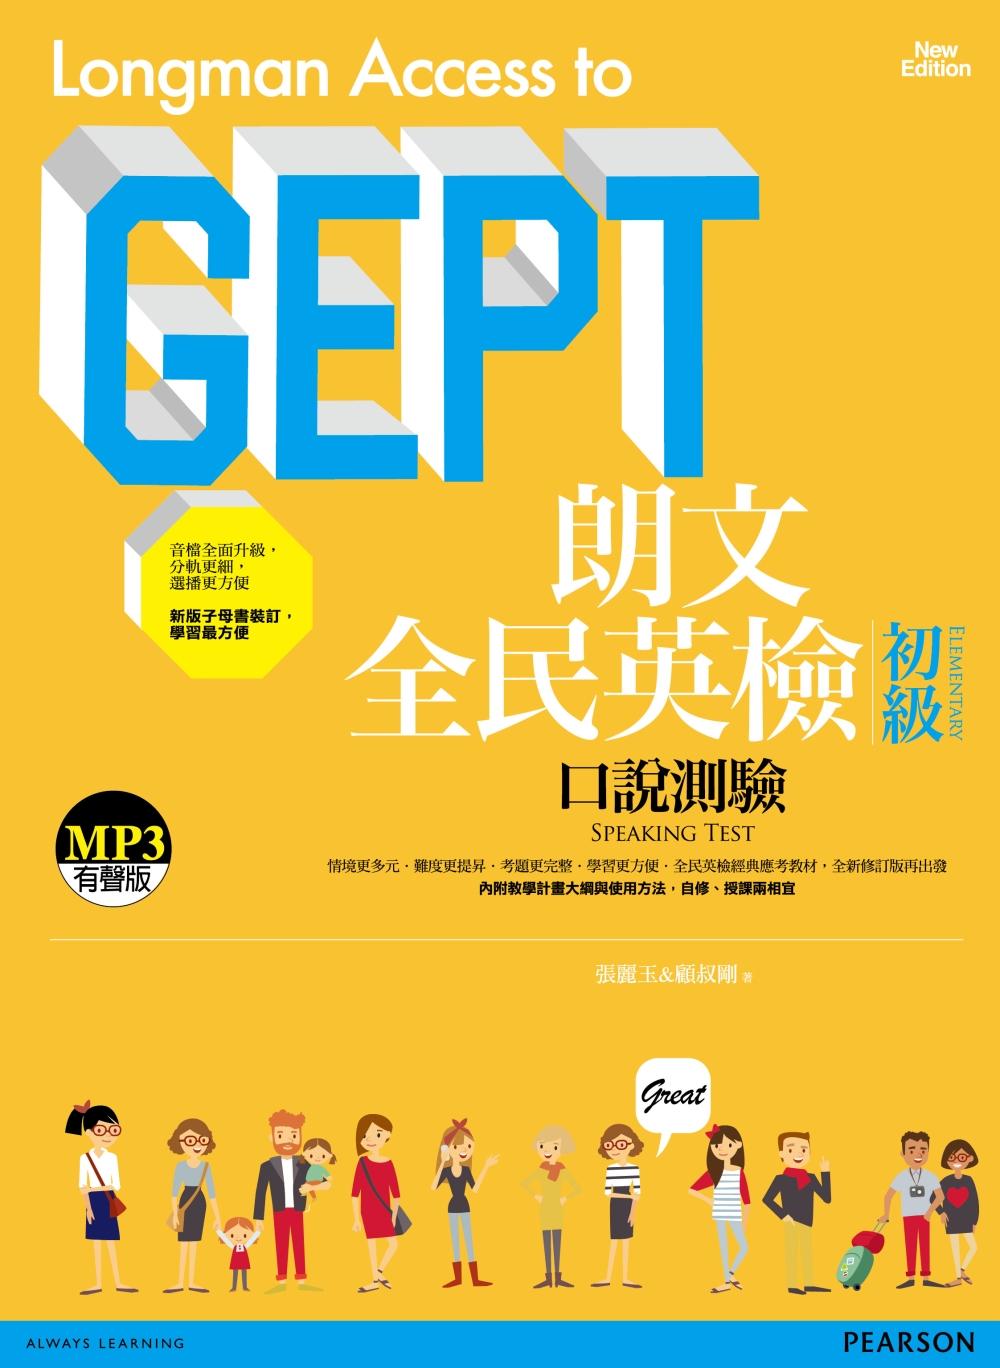 朗文全民英檢初級口說測驗(全新修訂版) (1MP3)